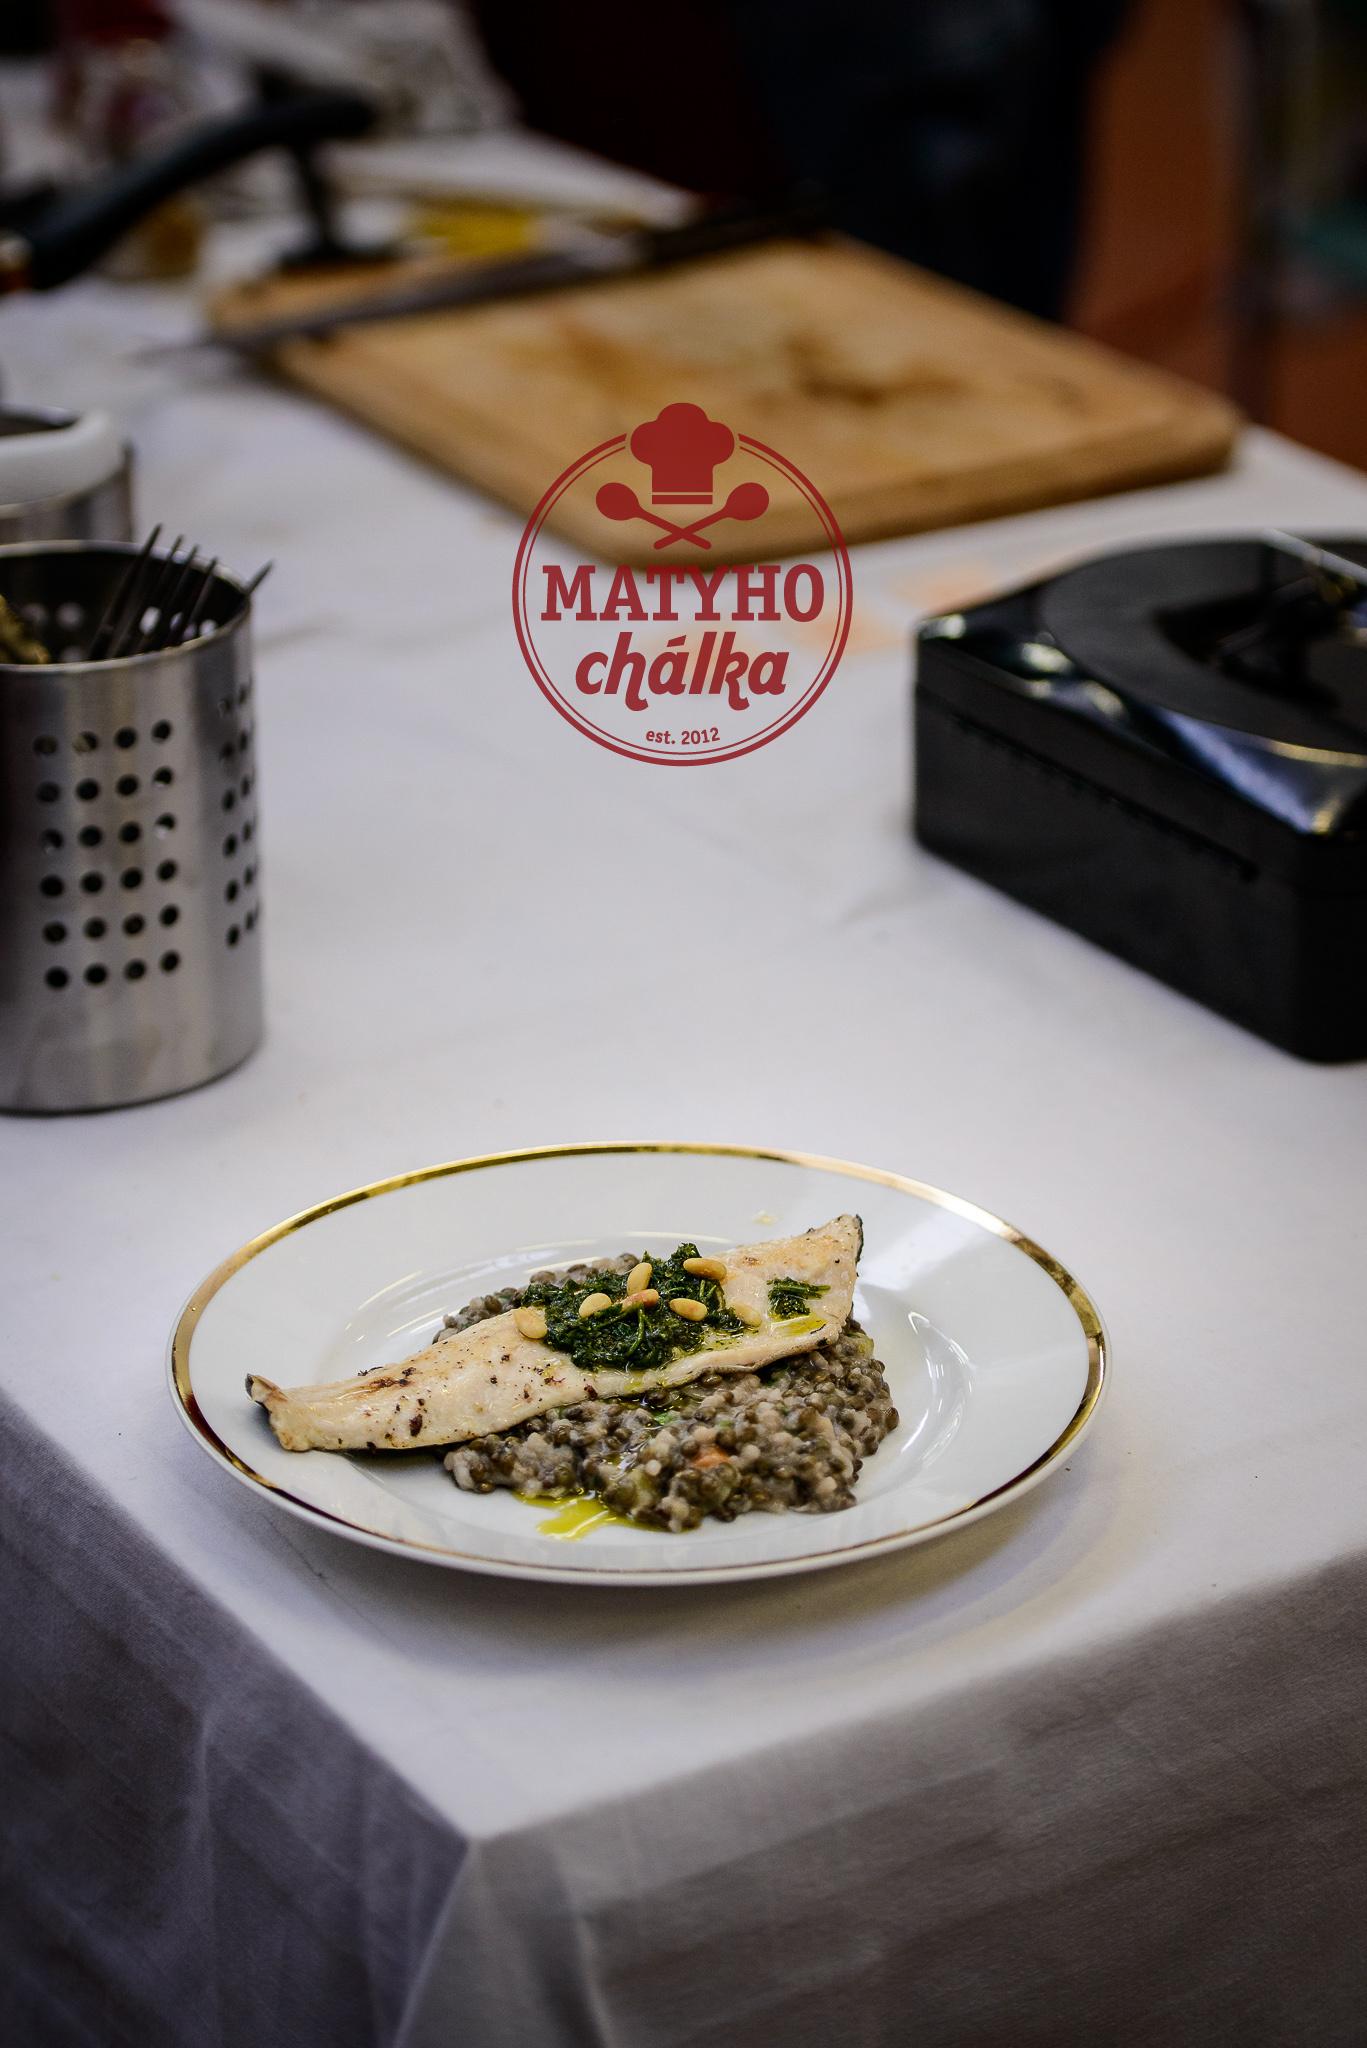 Pstruh již na talíři - jako vždy na fotku zbyl asi nejhorší talíř co jsme sebou měli :)